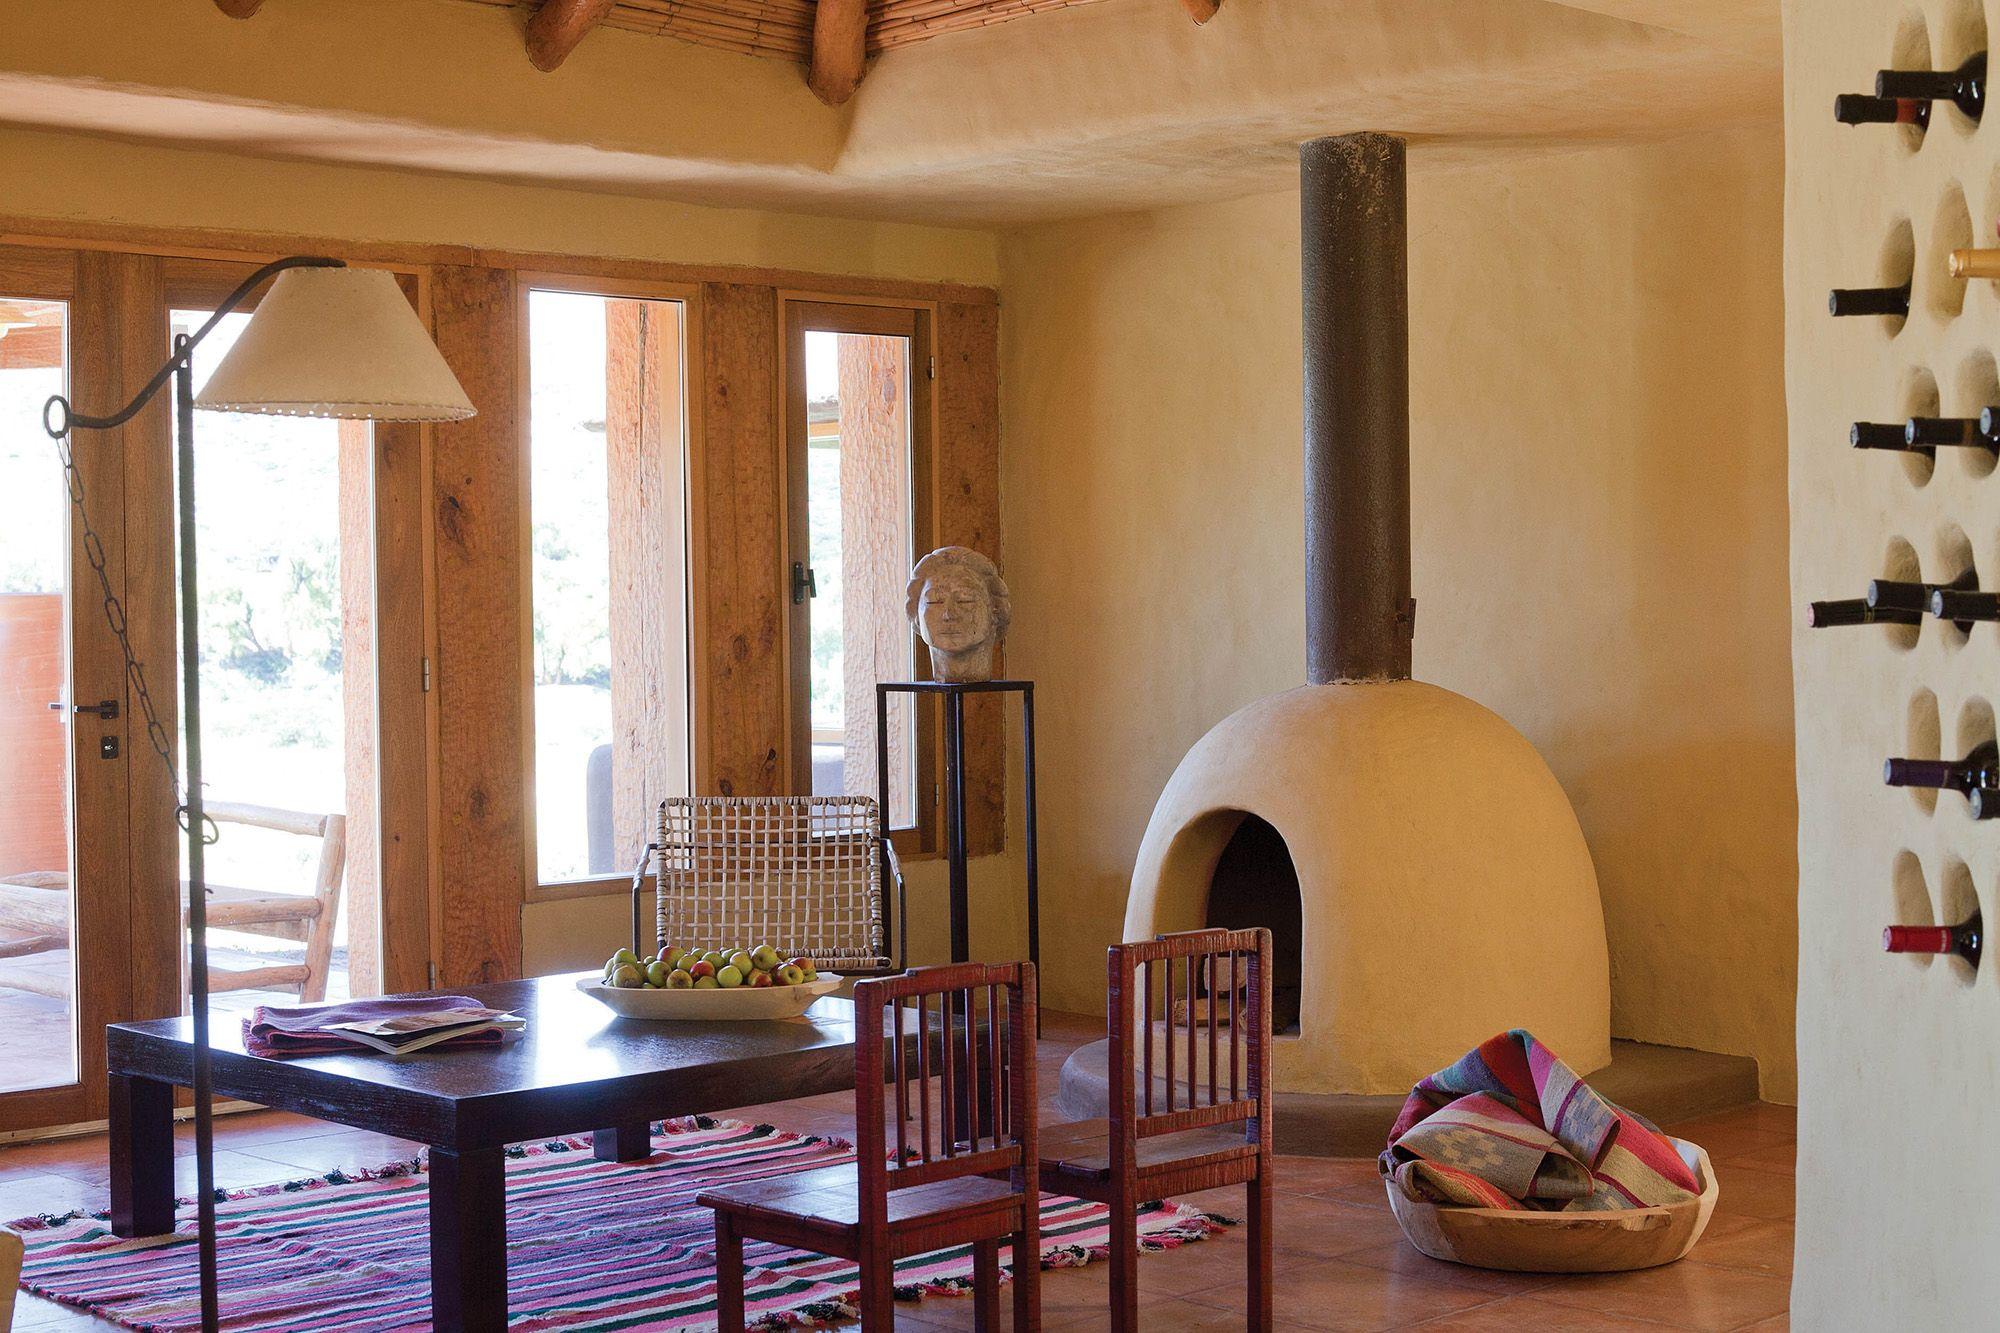 Una casa de fin de semana rescata la esencia andina en la